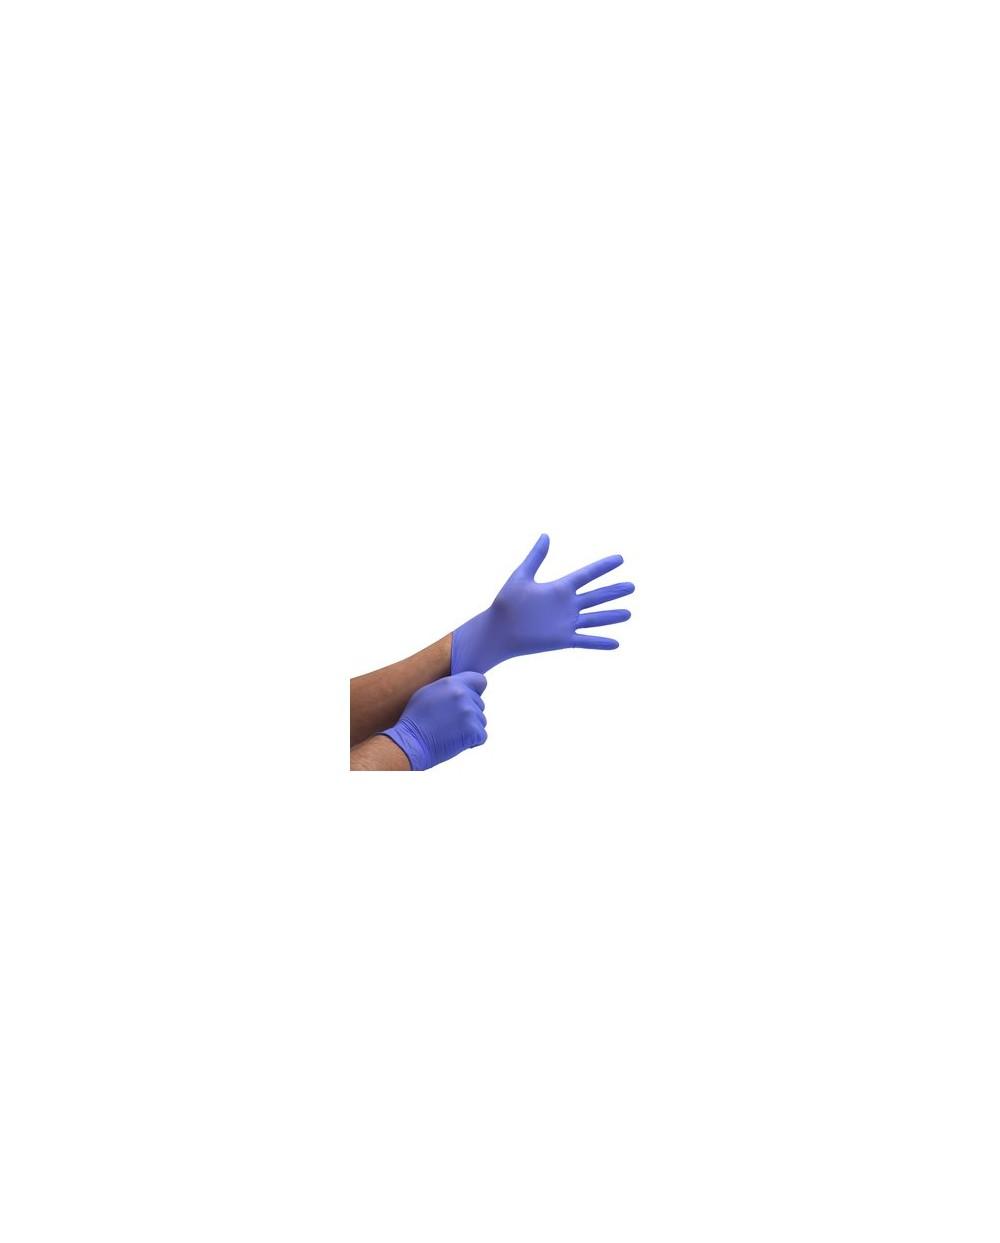 Gants Nitrile - La boîte de 100 gants bleu